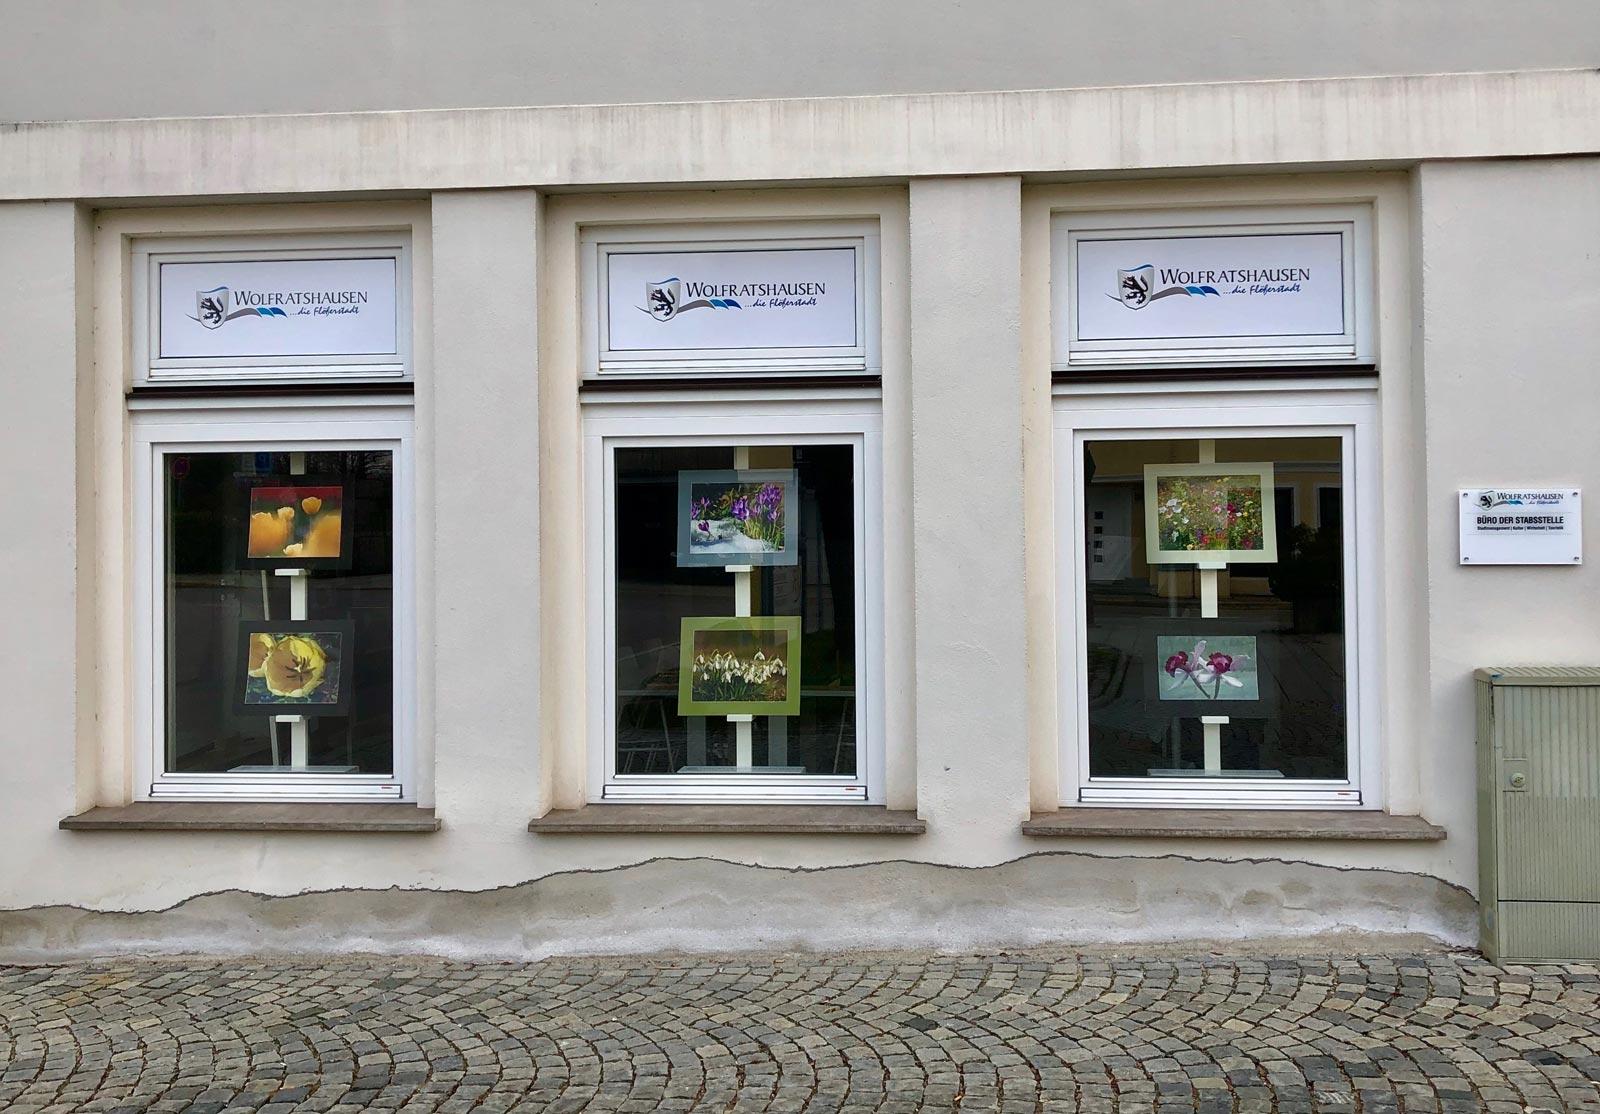 Schaufenster im Boodevaar-Turm Wolfratshausen mit Bildern des Fotoclubs Wolfratshausen.